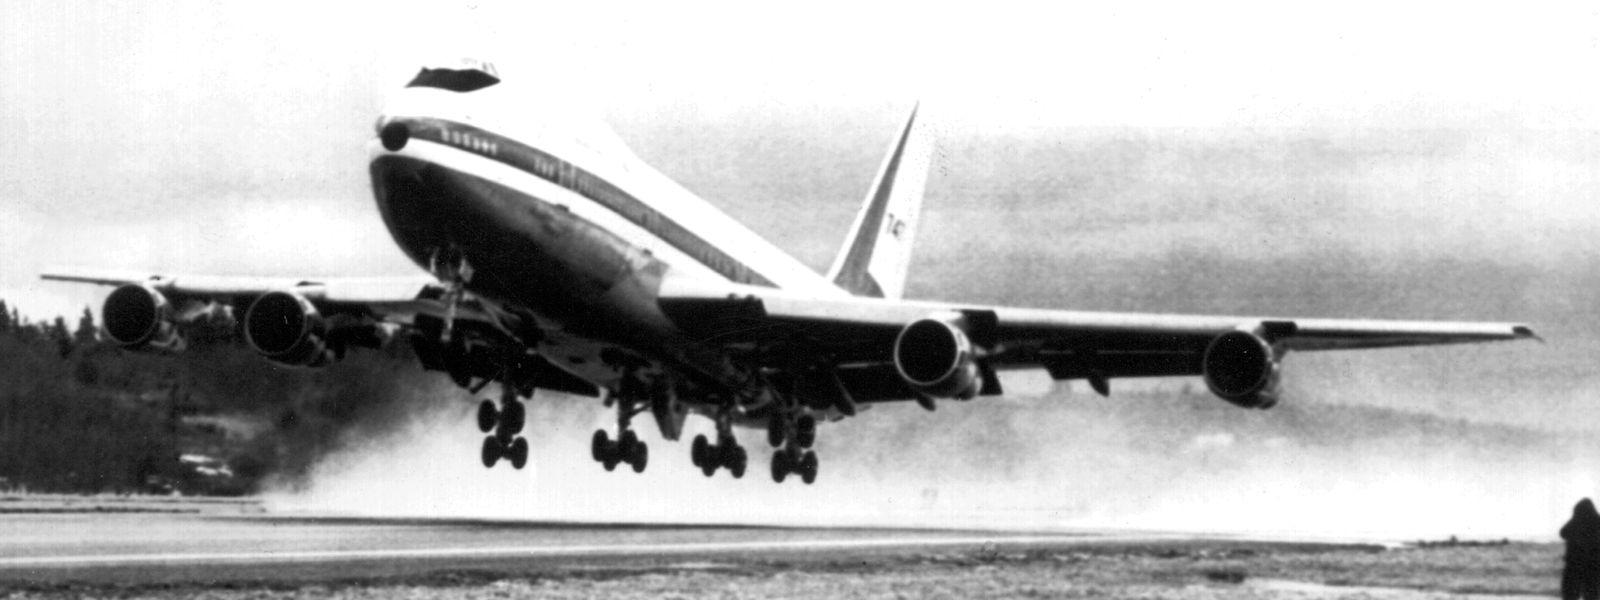 Die 747 erhob sich 1969 zum ersten Mal in den Himmel.